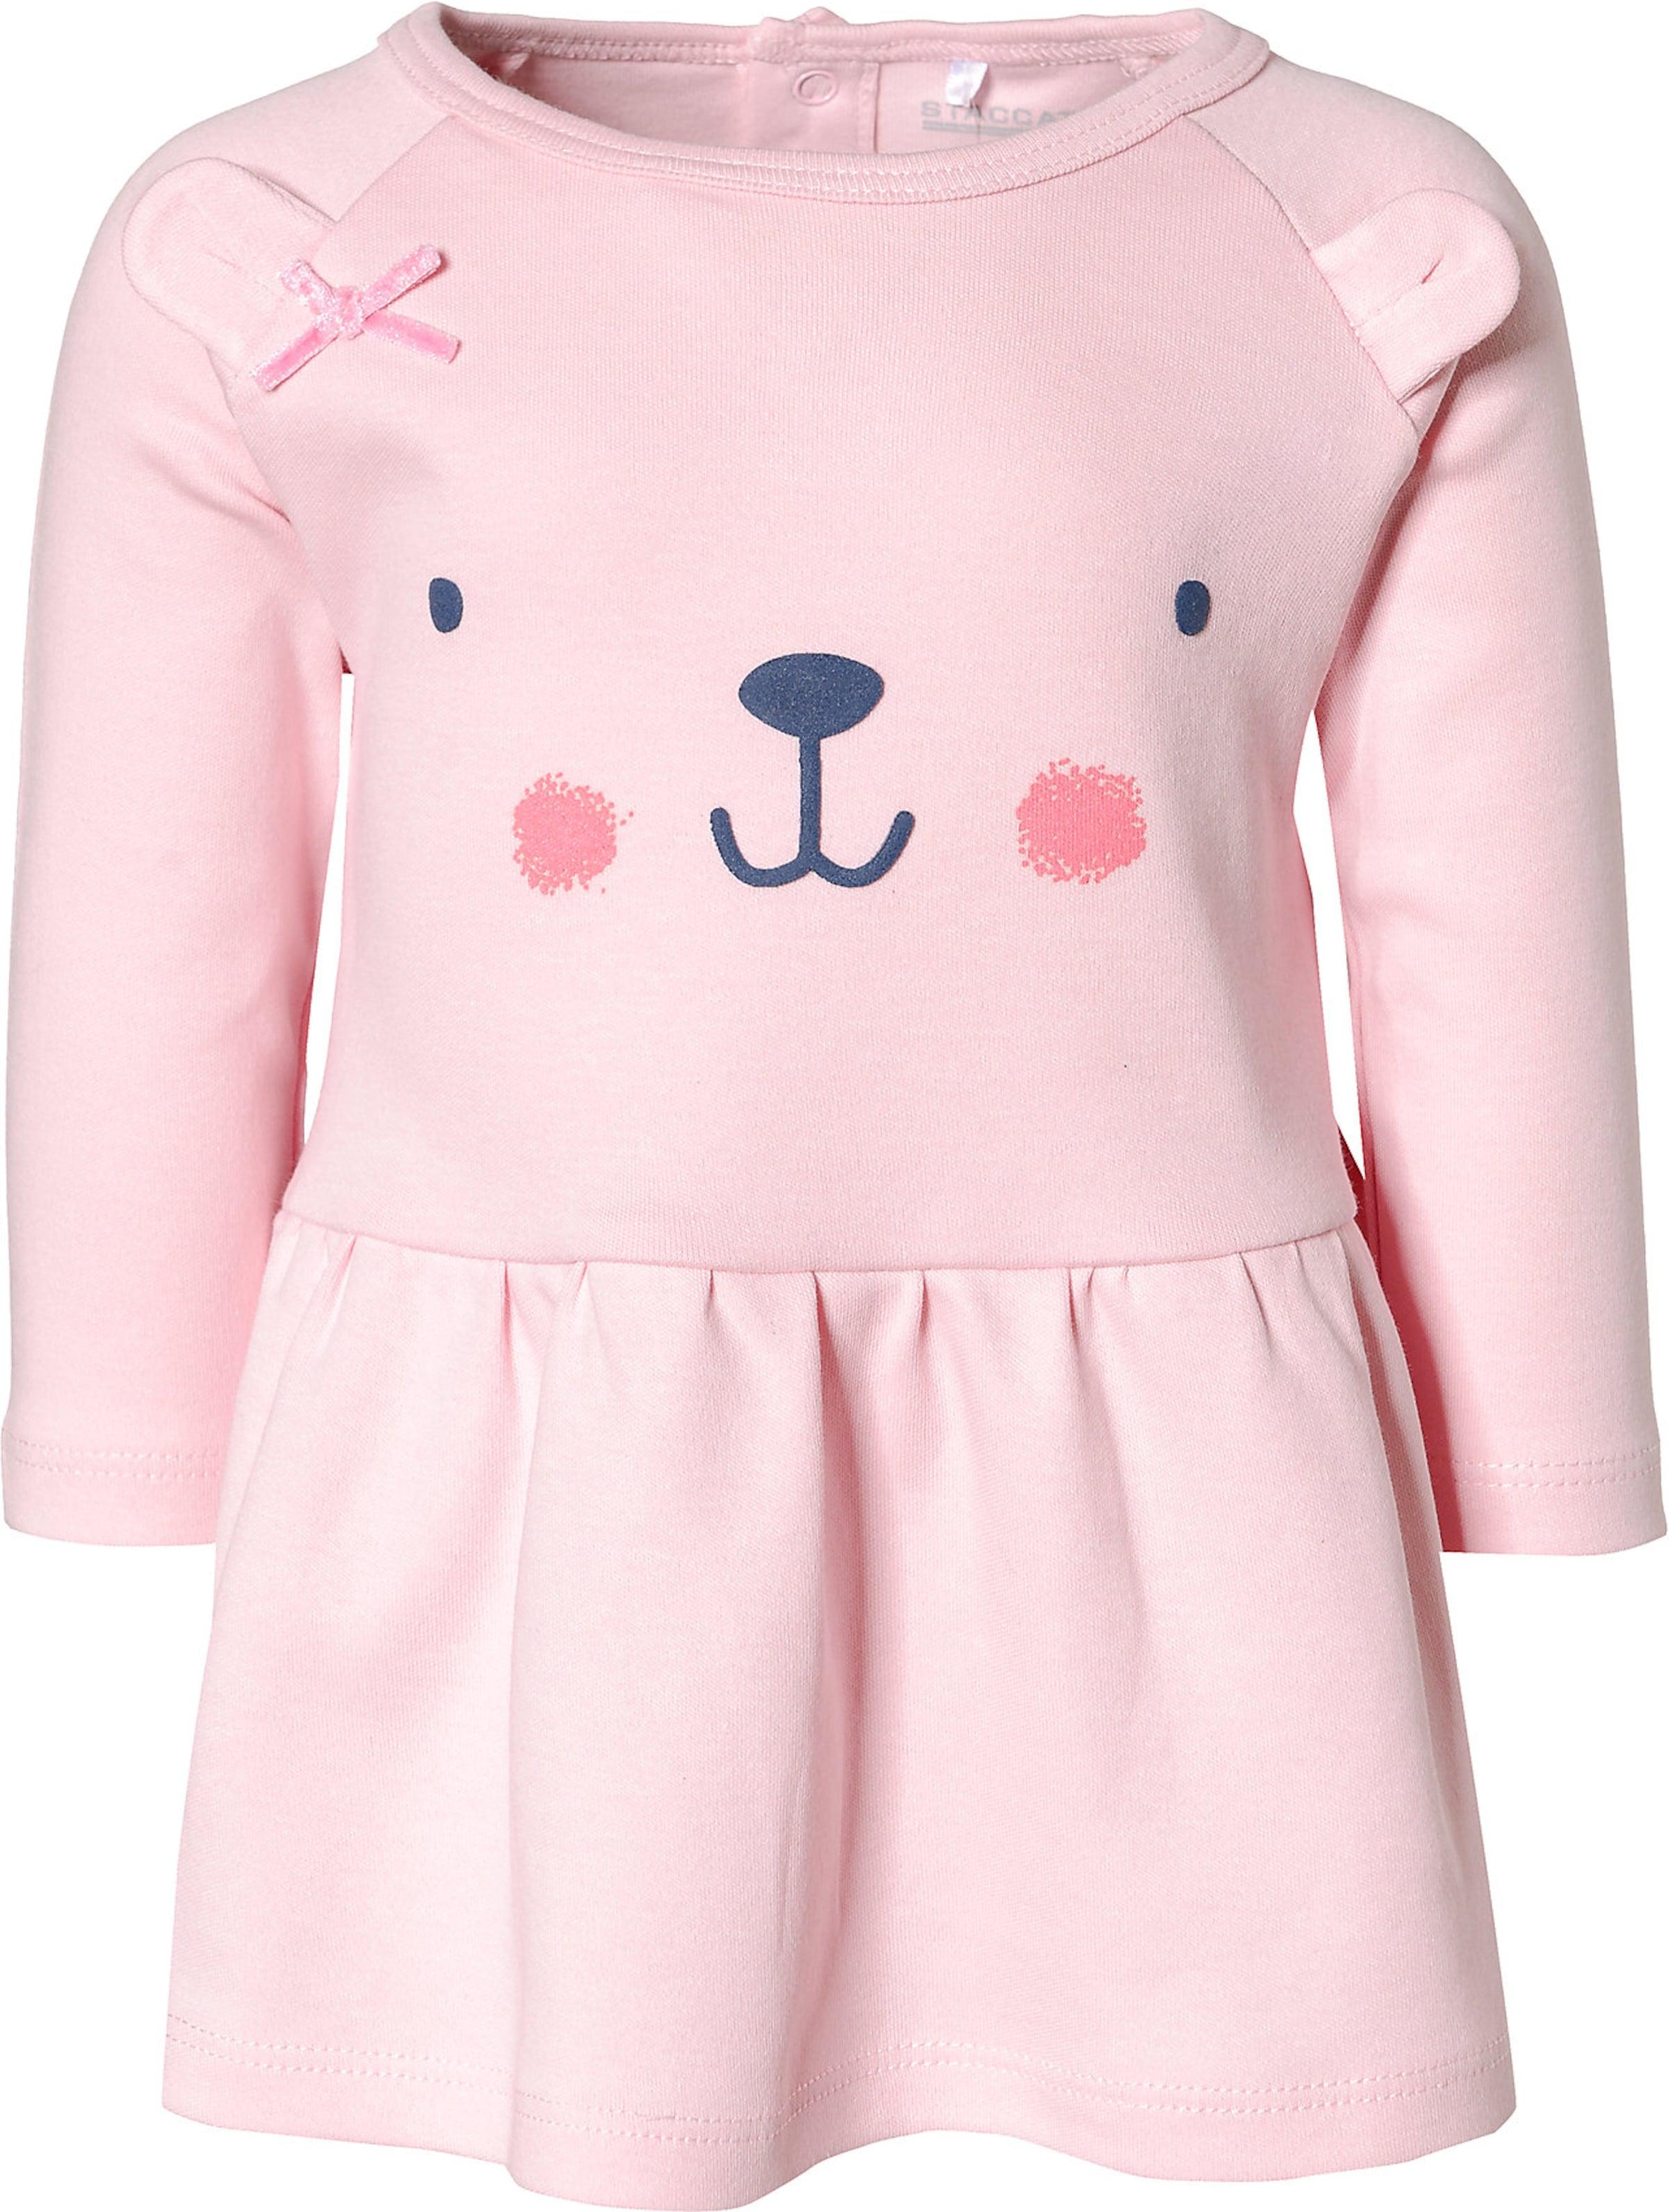 Baby,  Kinder,  Kinder,  Mädchen,  Kinder STACCATO Baby Jerseykleid pink   04333853676969